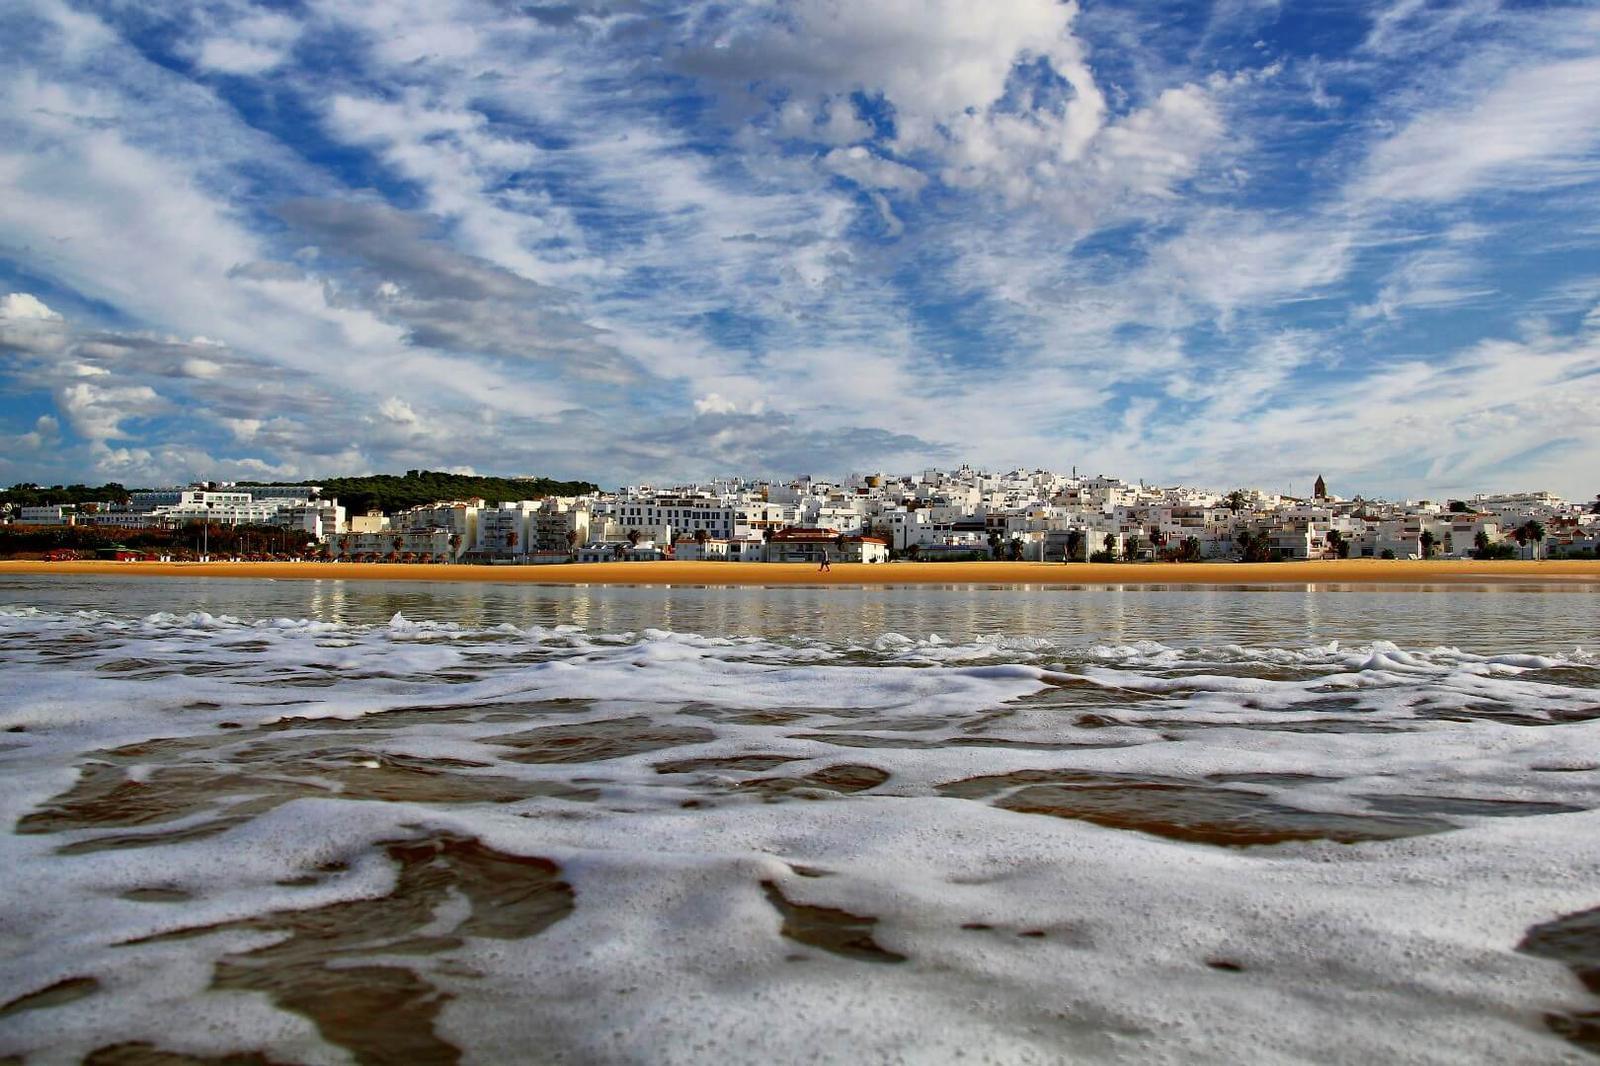 Playa en Conil de la Frontera, Cádiz